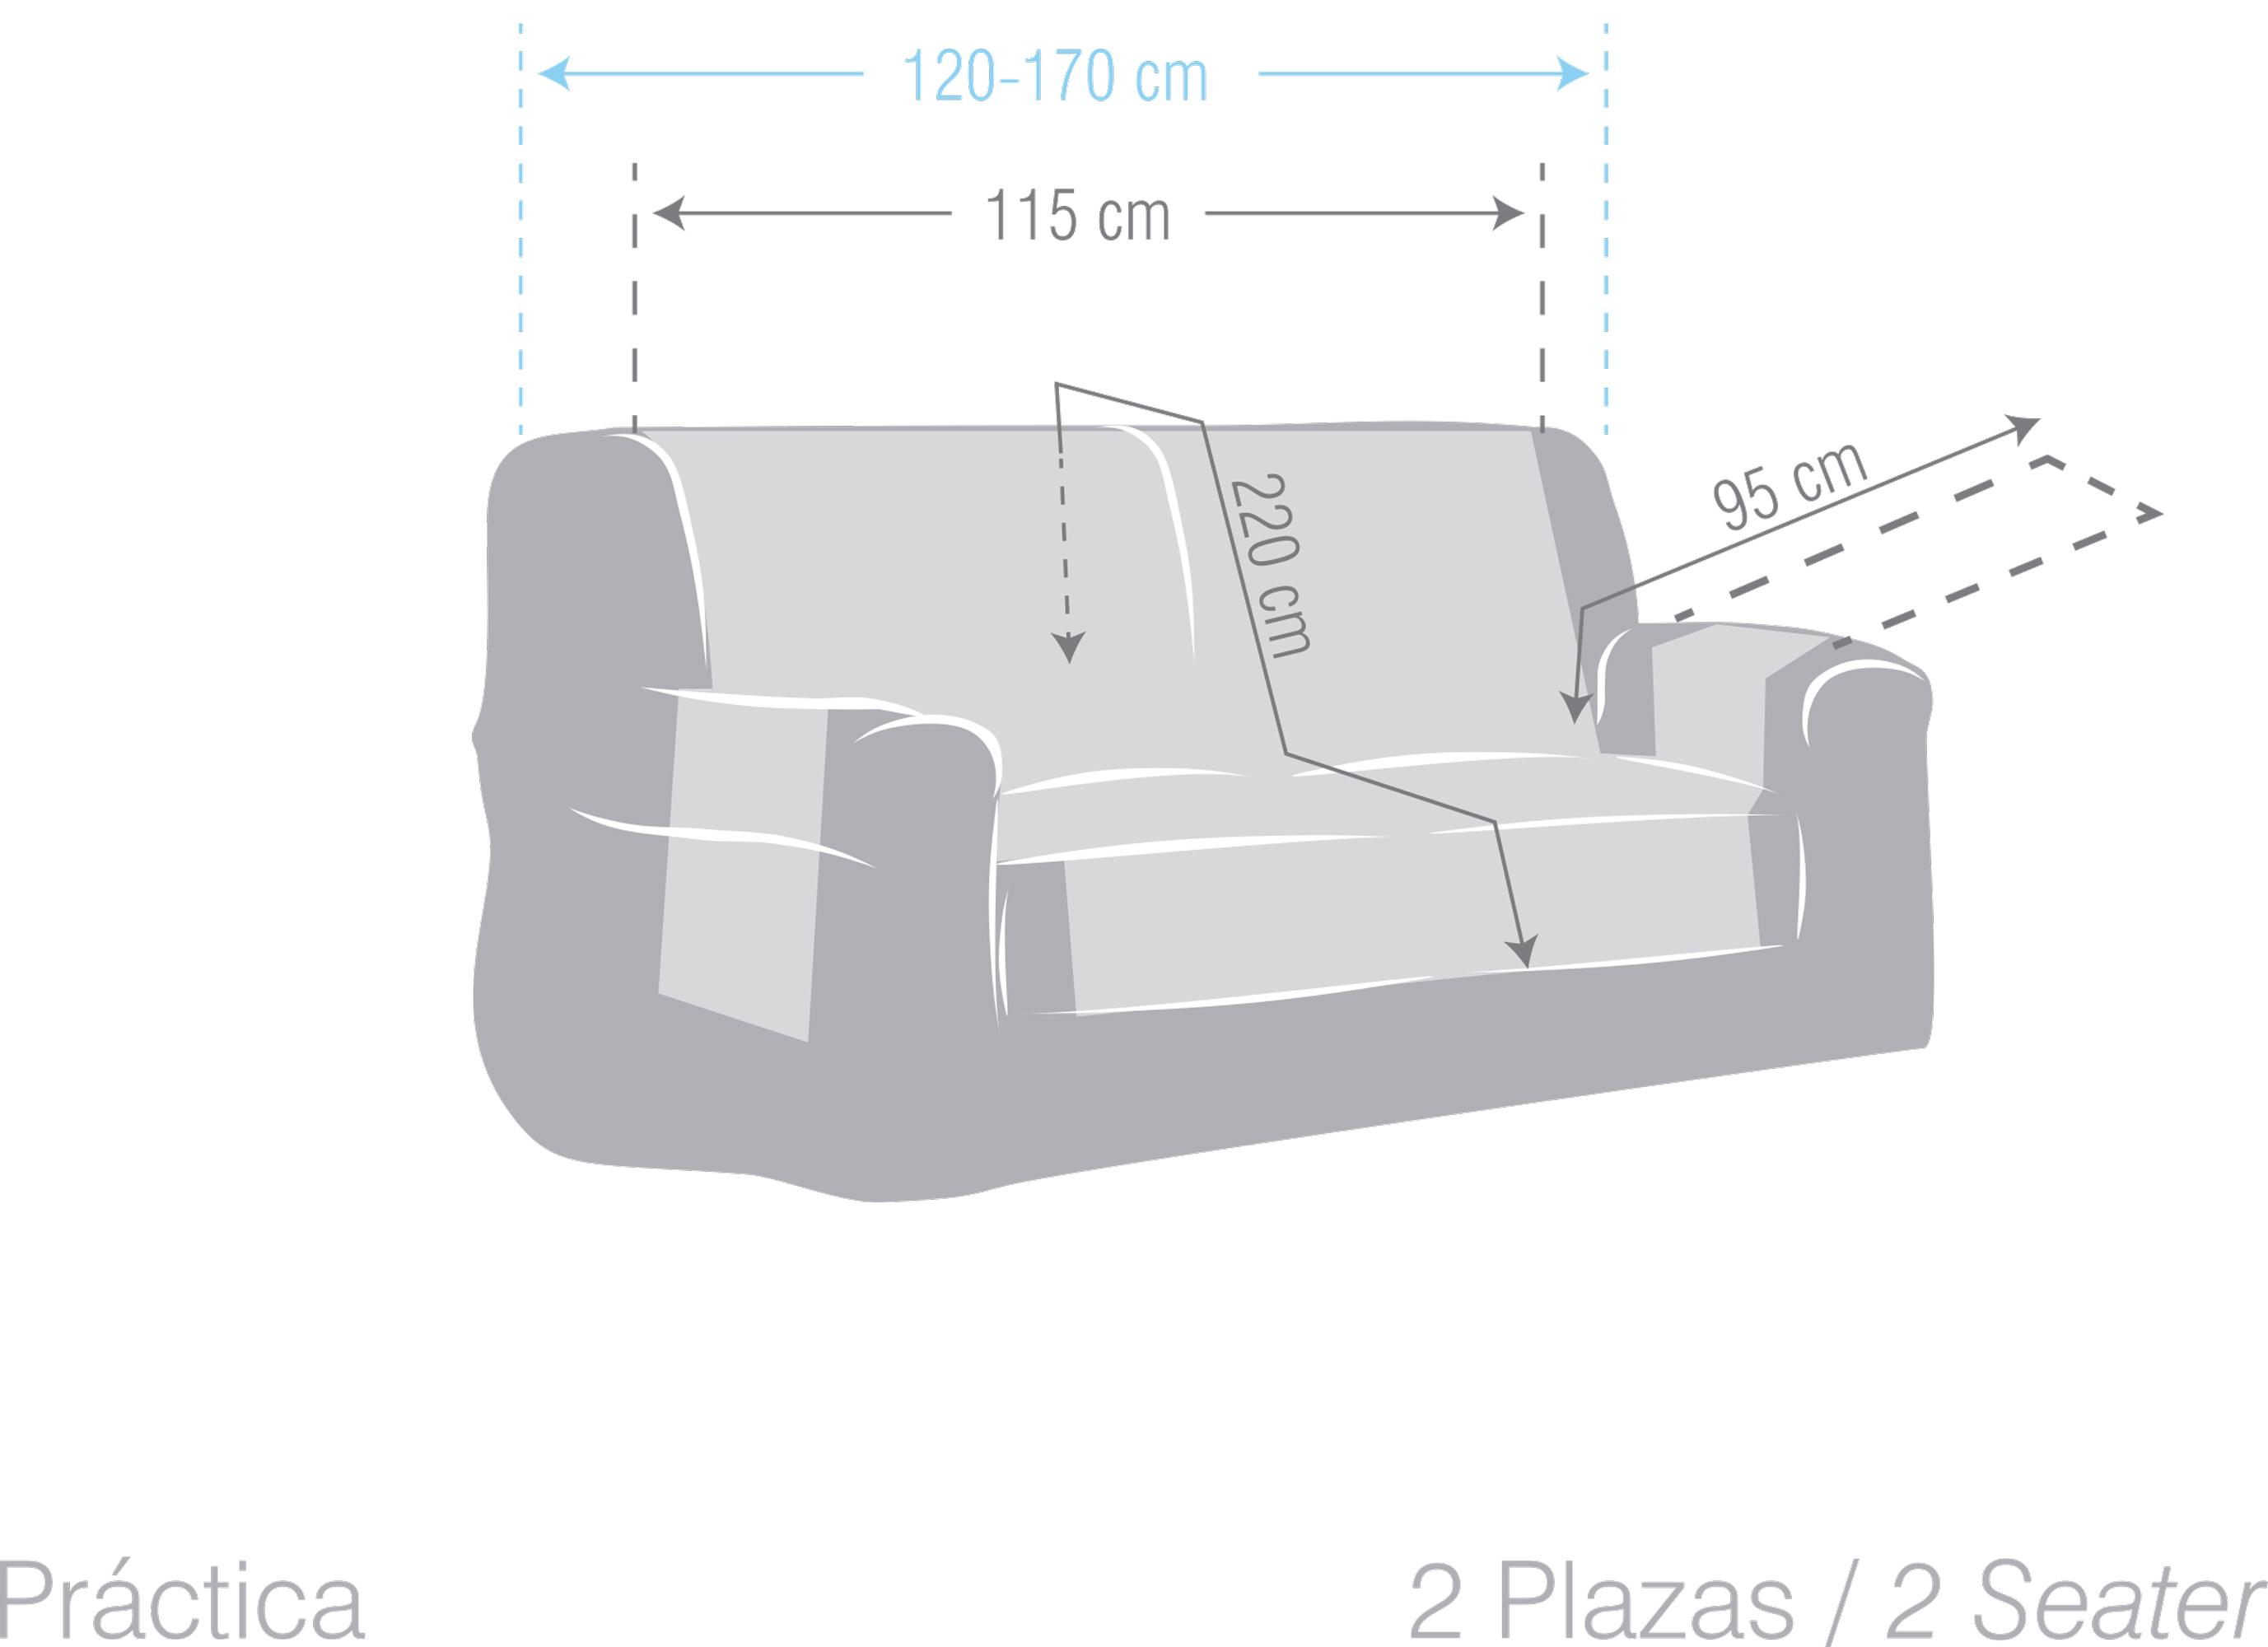 medidas-funda-cubre-sofa-practica-mid-2-